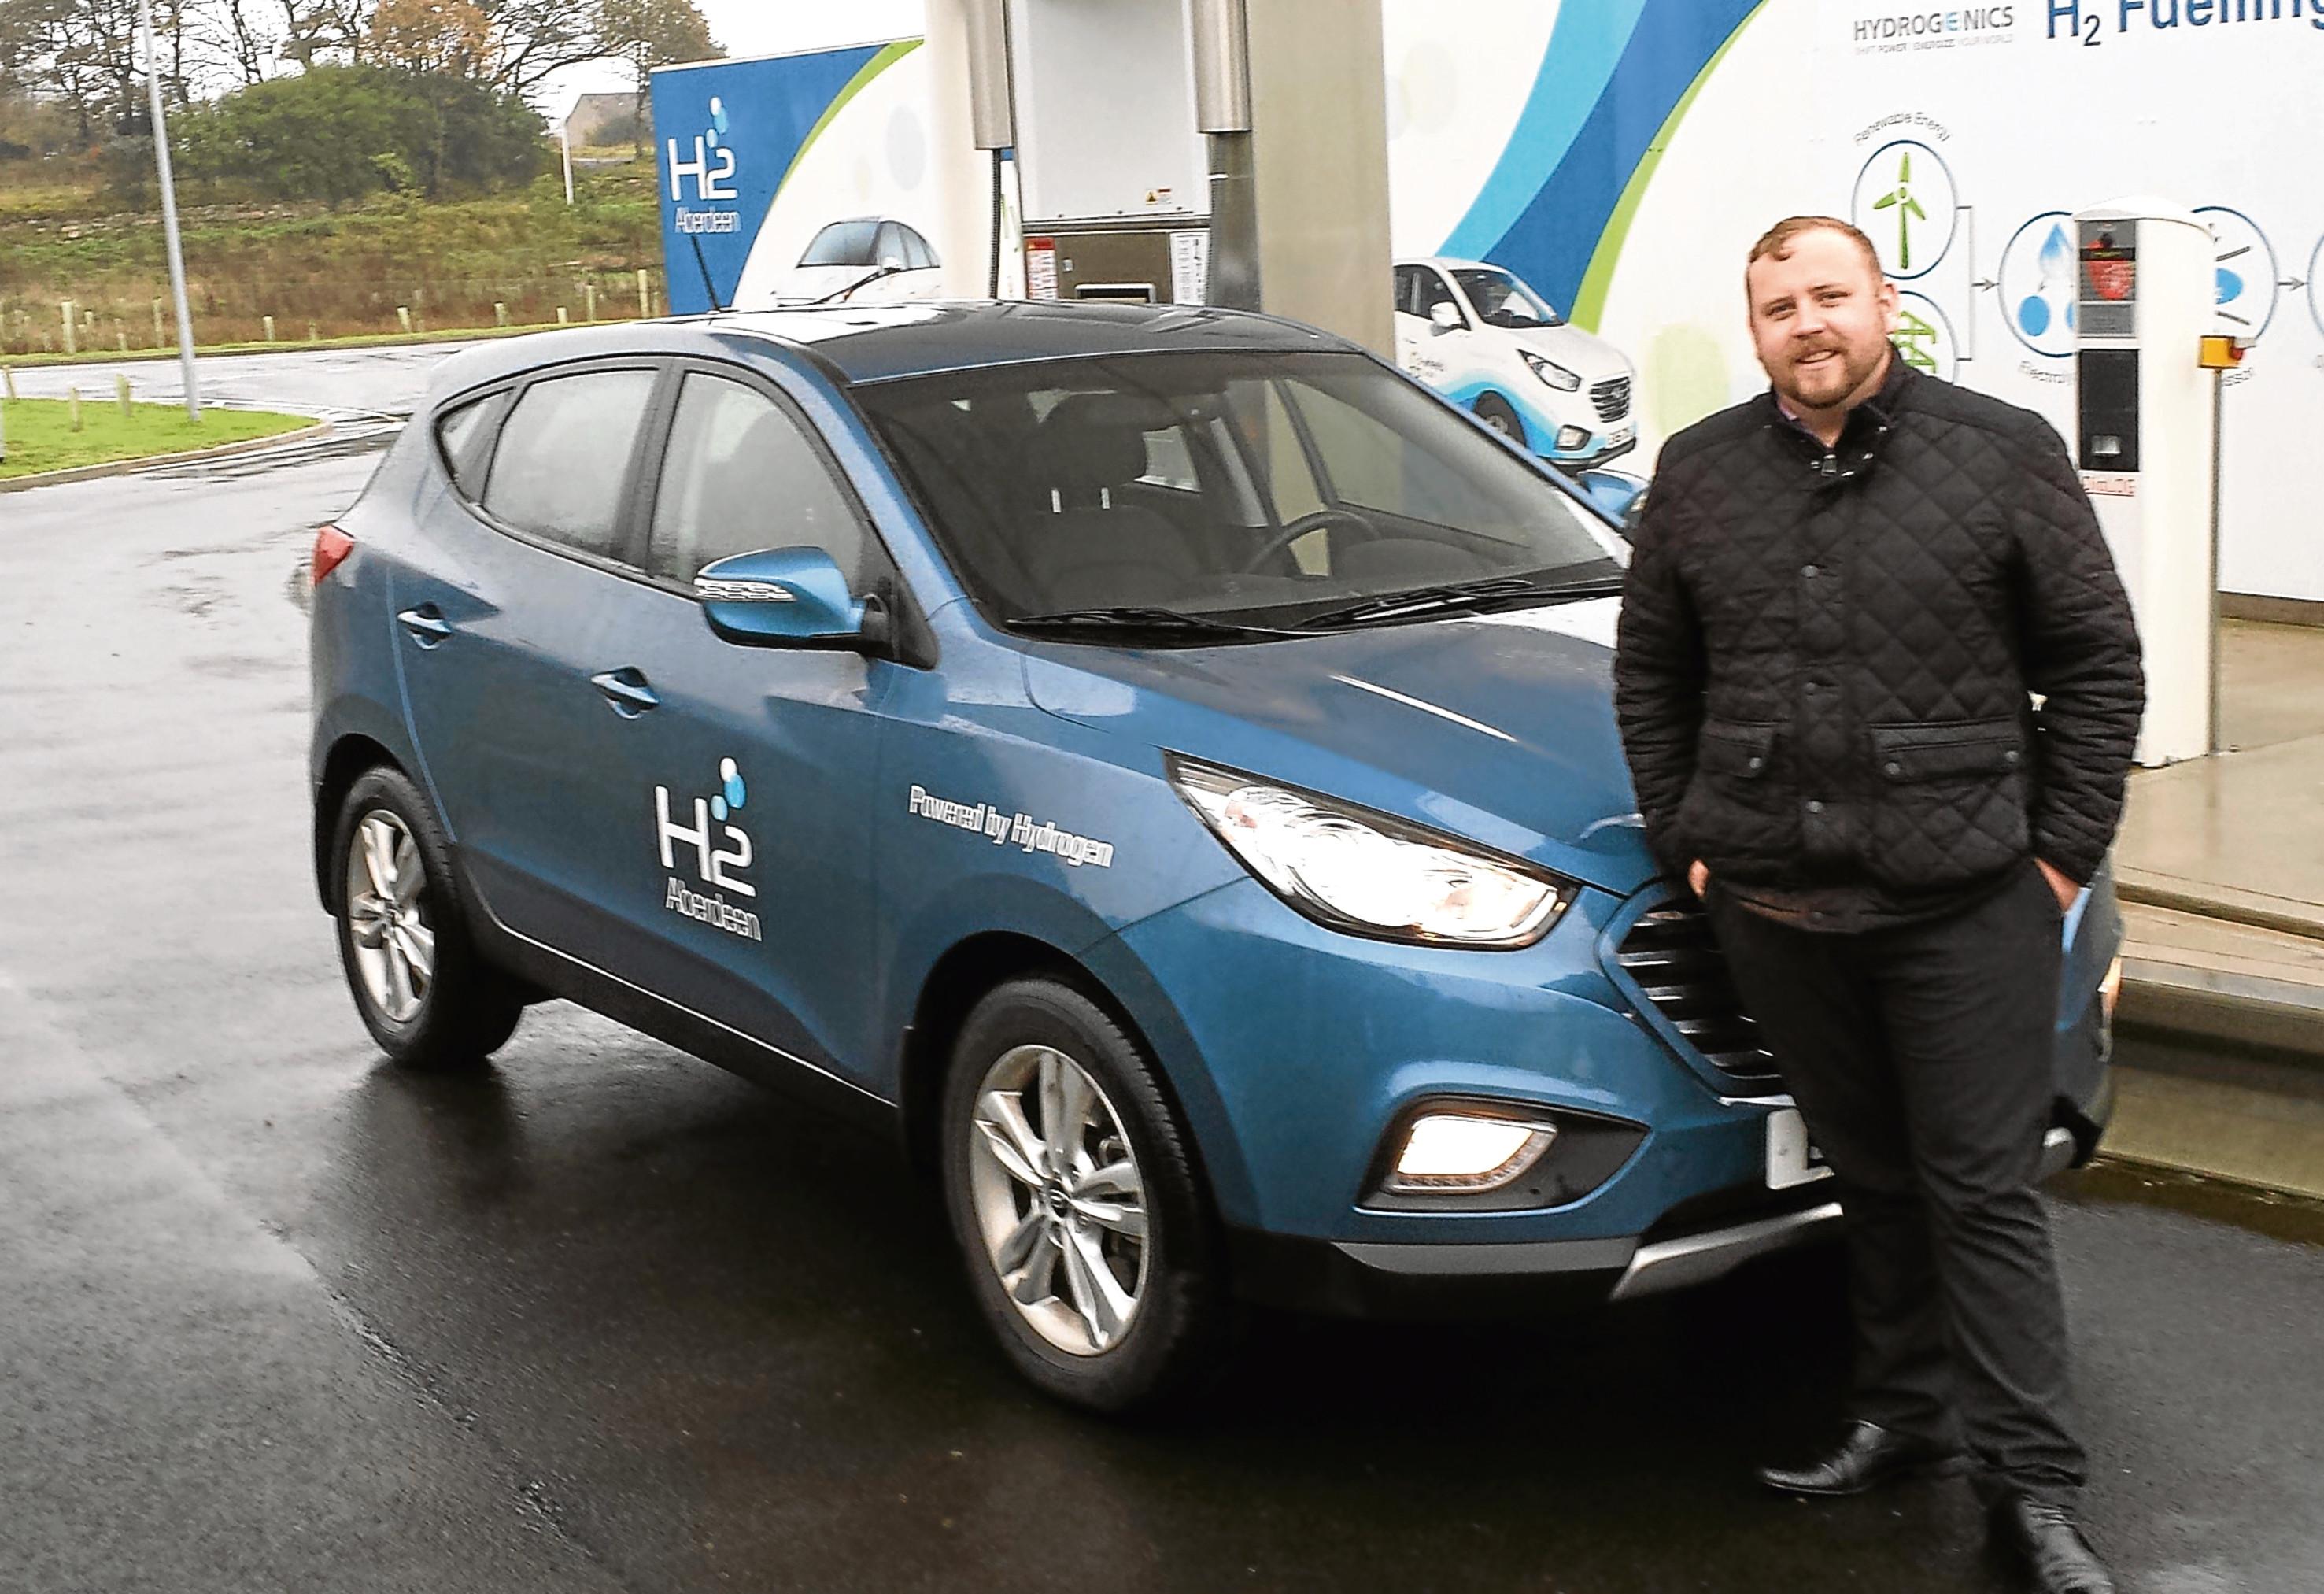 Aberdeen Taxis director Chris Douglas